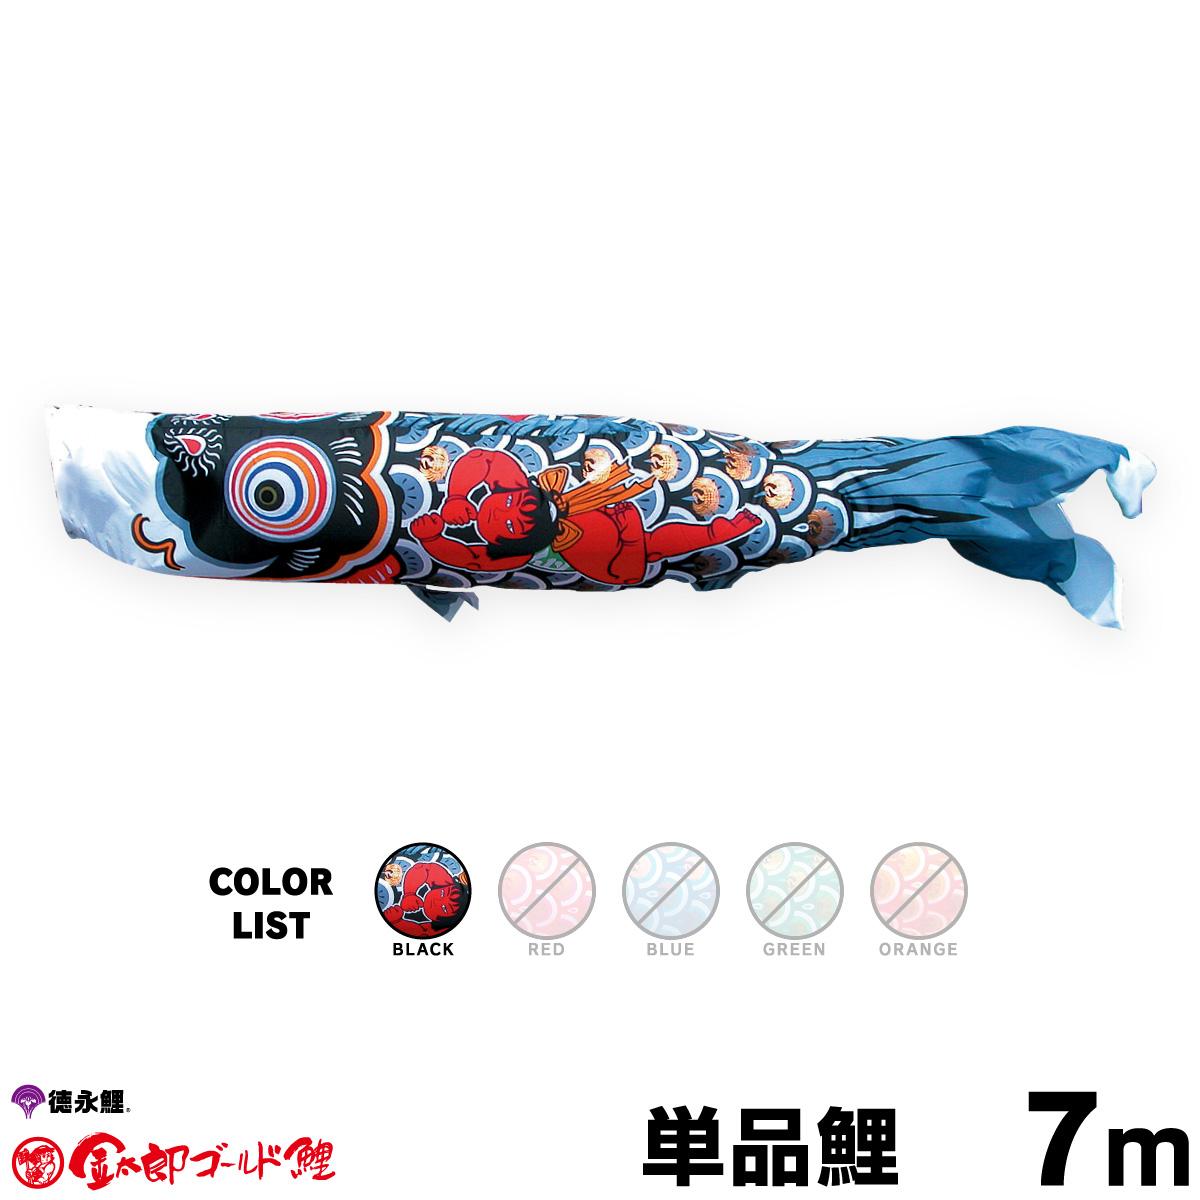 【こいのぼり 単品】 金太郎ゴールド鯉 7m 単品鯉 黒